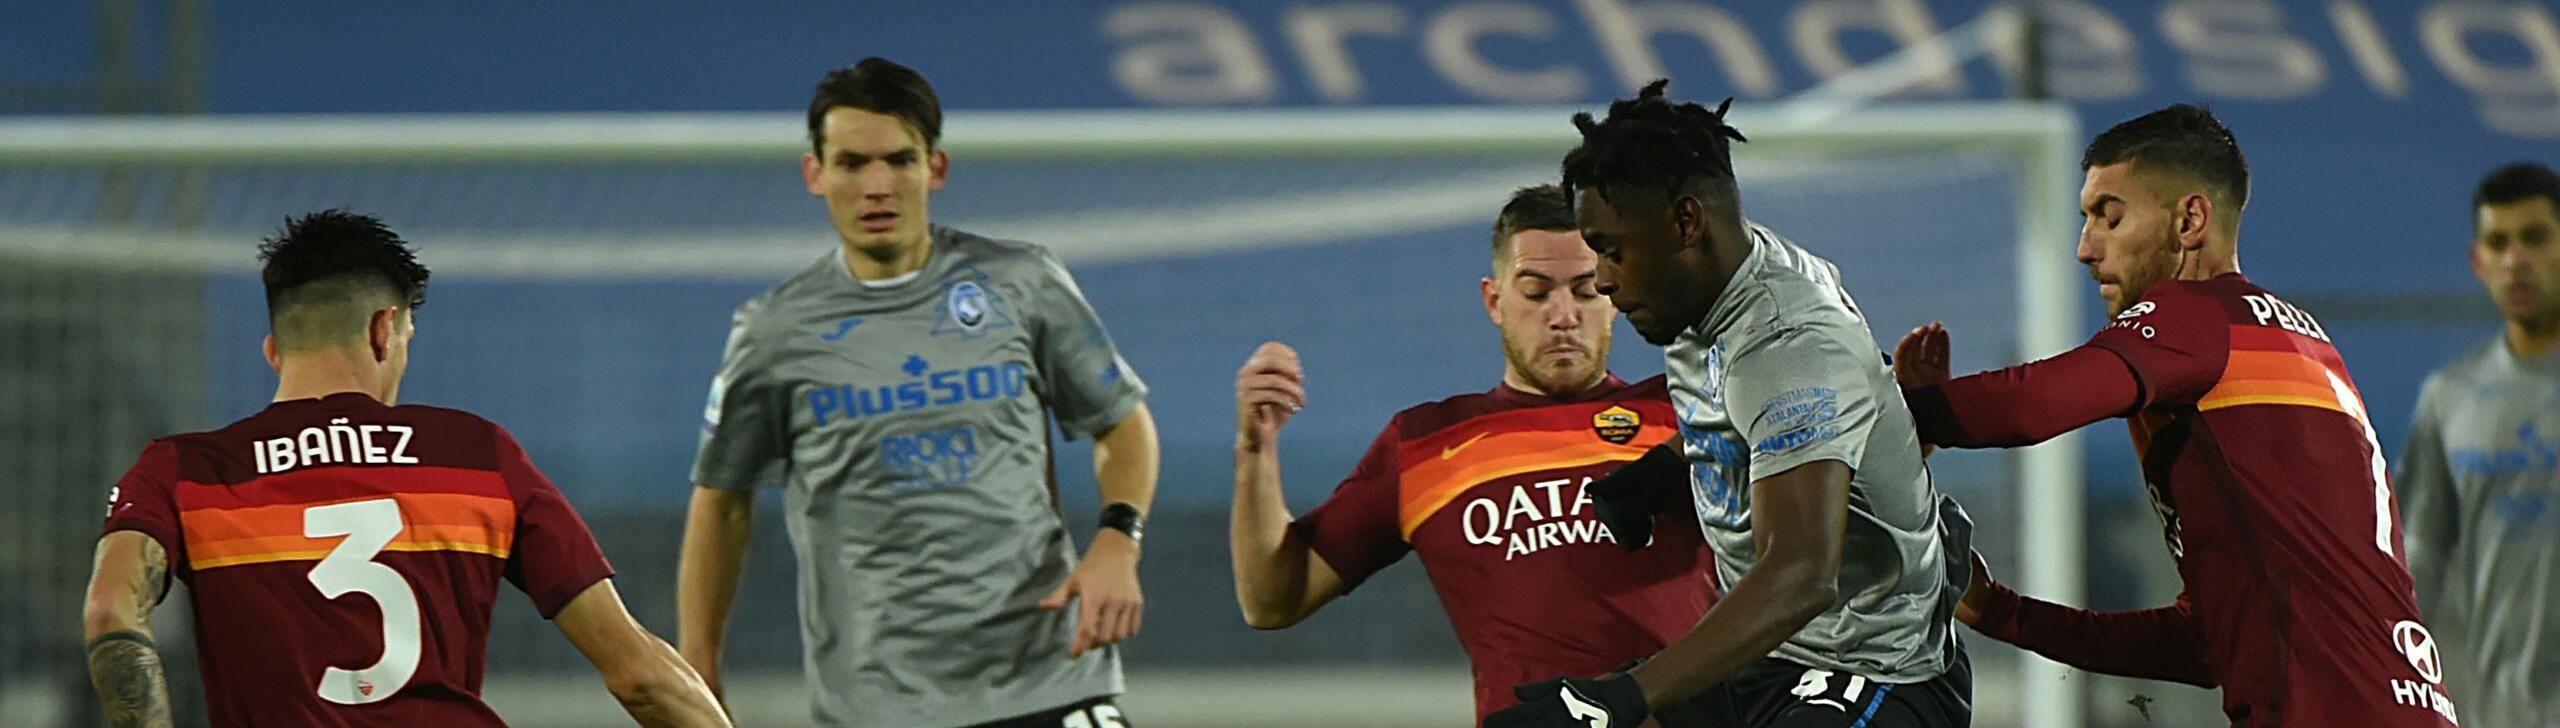 Roma-Atalanta: giallorossi all'ultima spiaggia-Champions, Dea lanciatissima